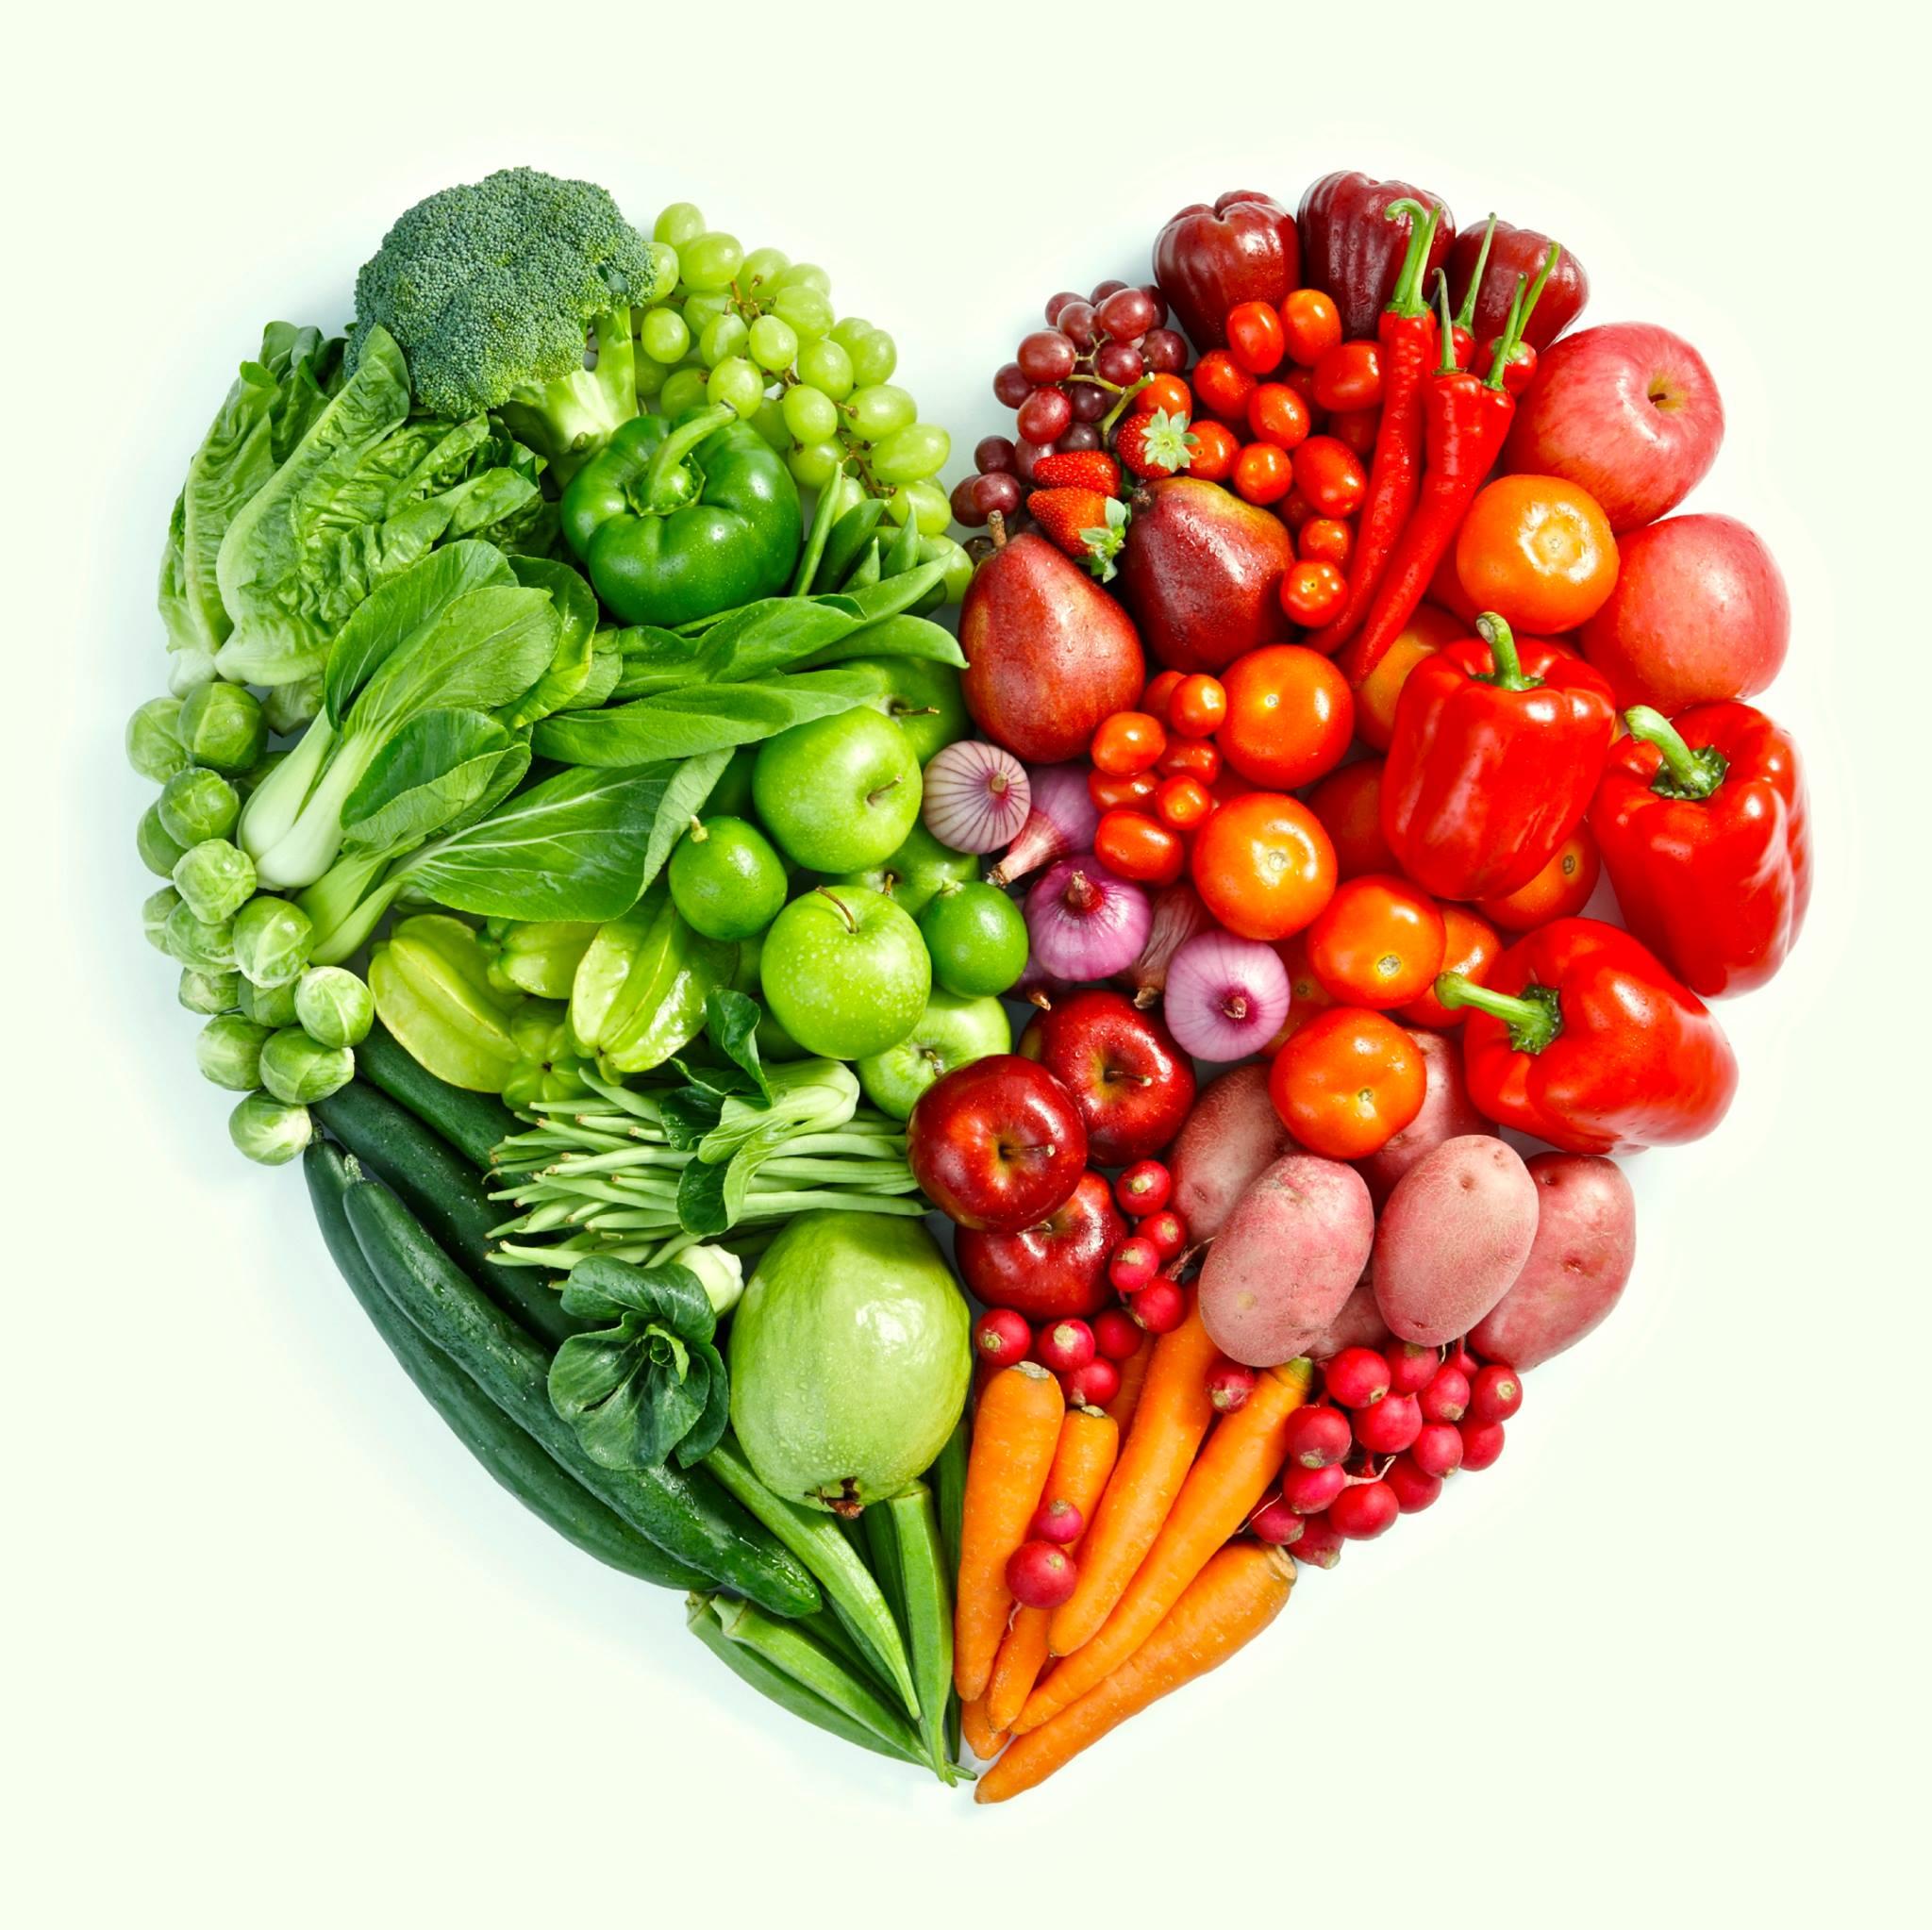 cuore di ortaggi